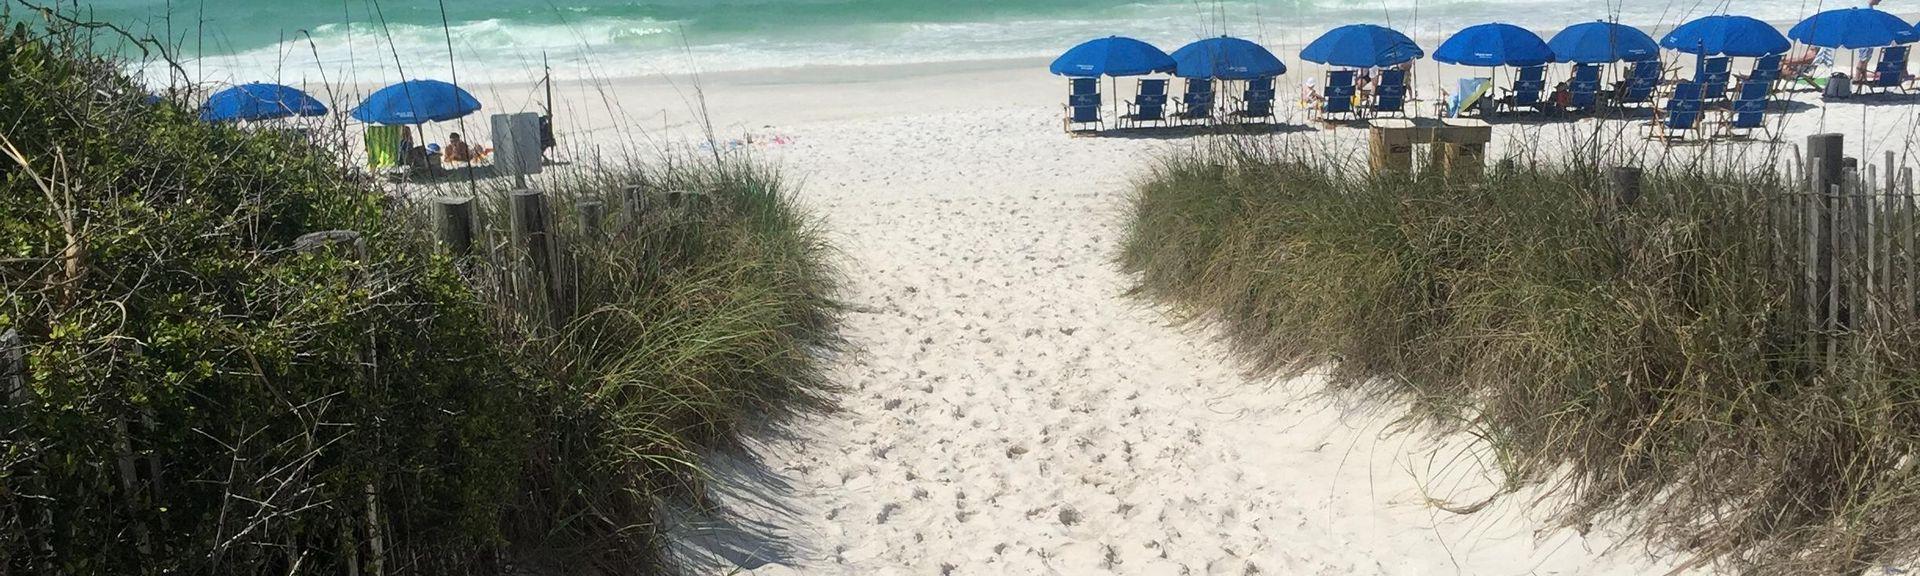 Sugarwood Beach, Seagrove Beach, FL, USA